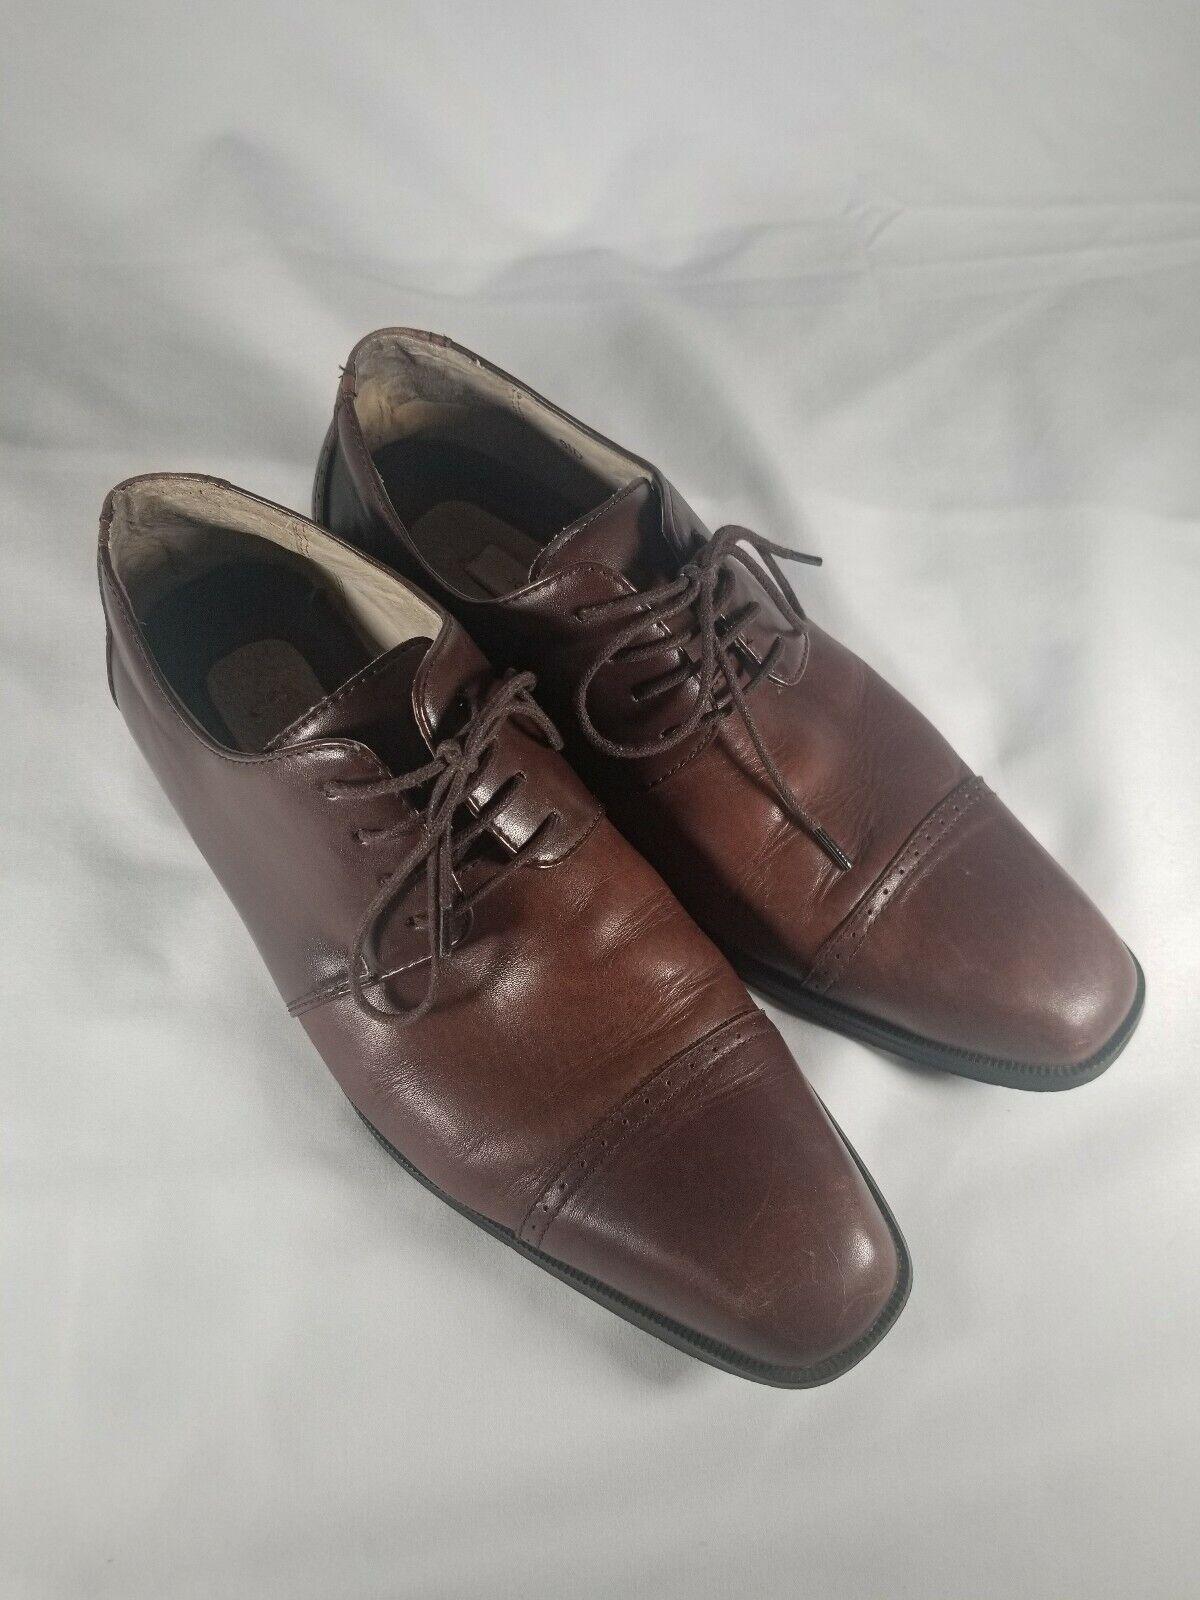 Mens Dress Shoes Joseph Abboud Size 9